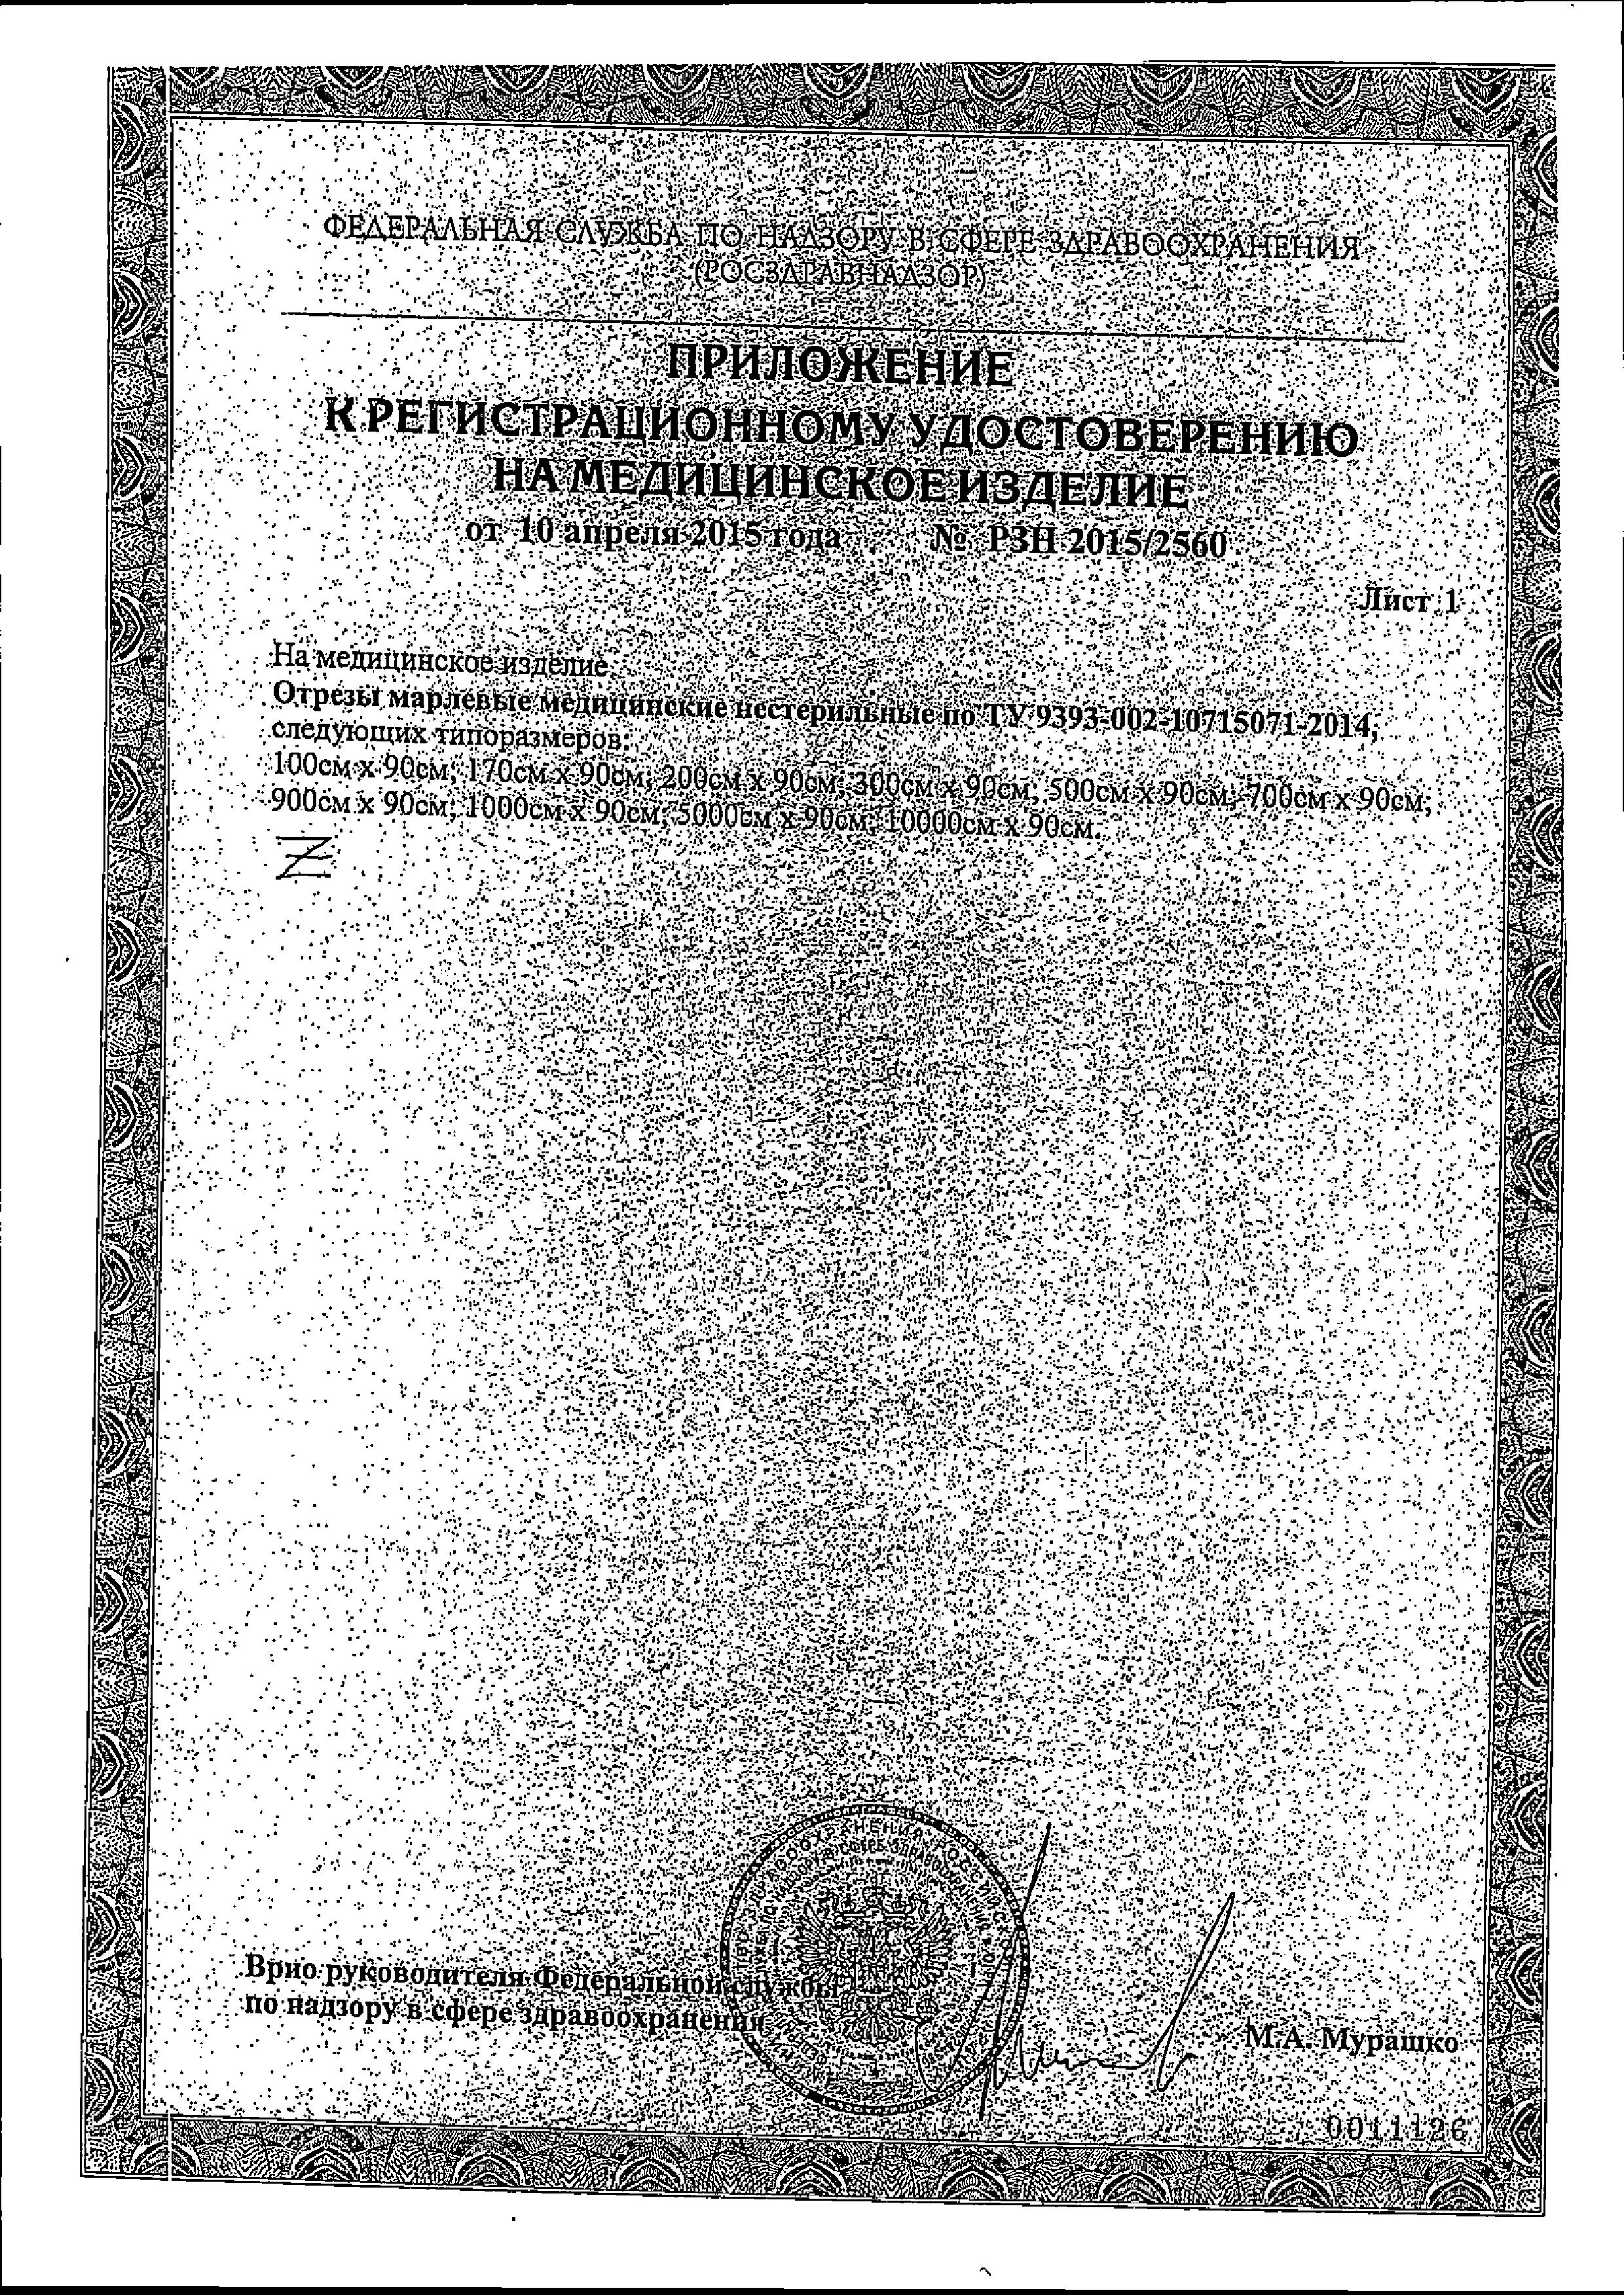 Клинса марля нестерильная высокой плотности сертификат